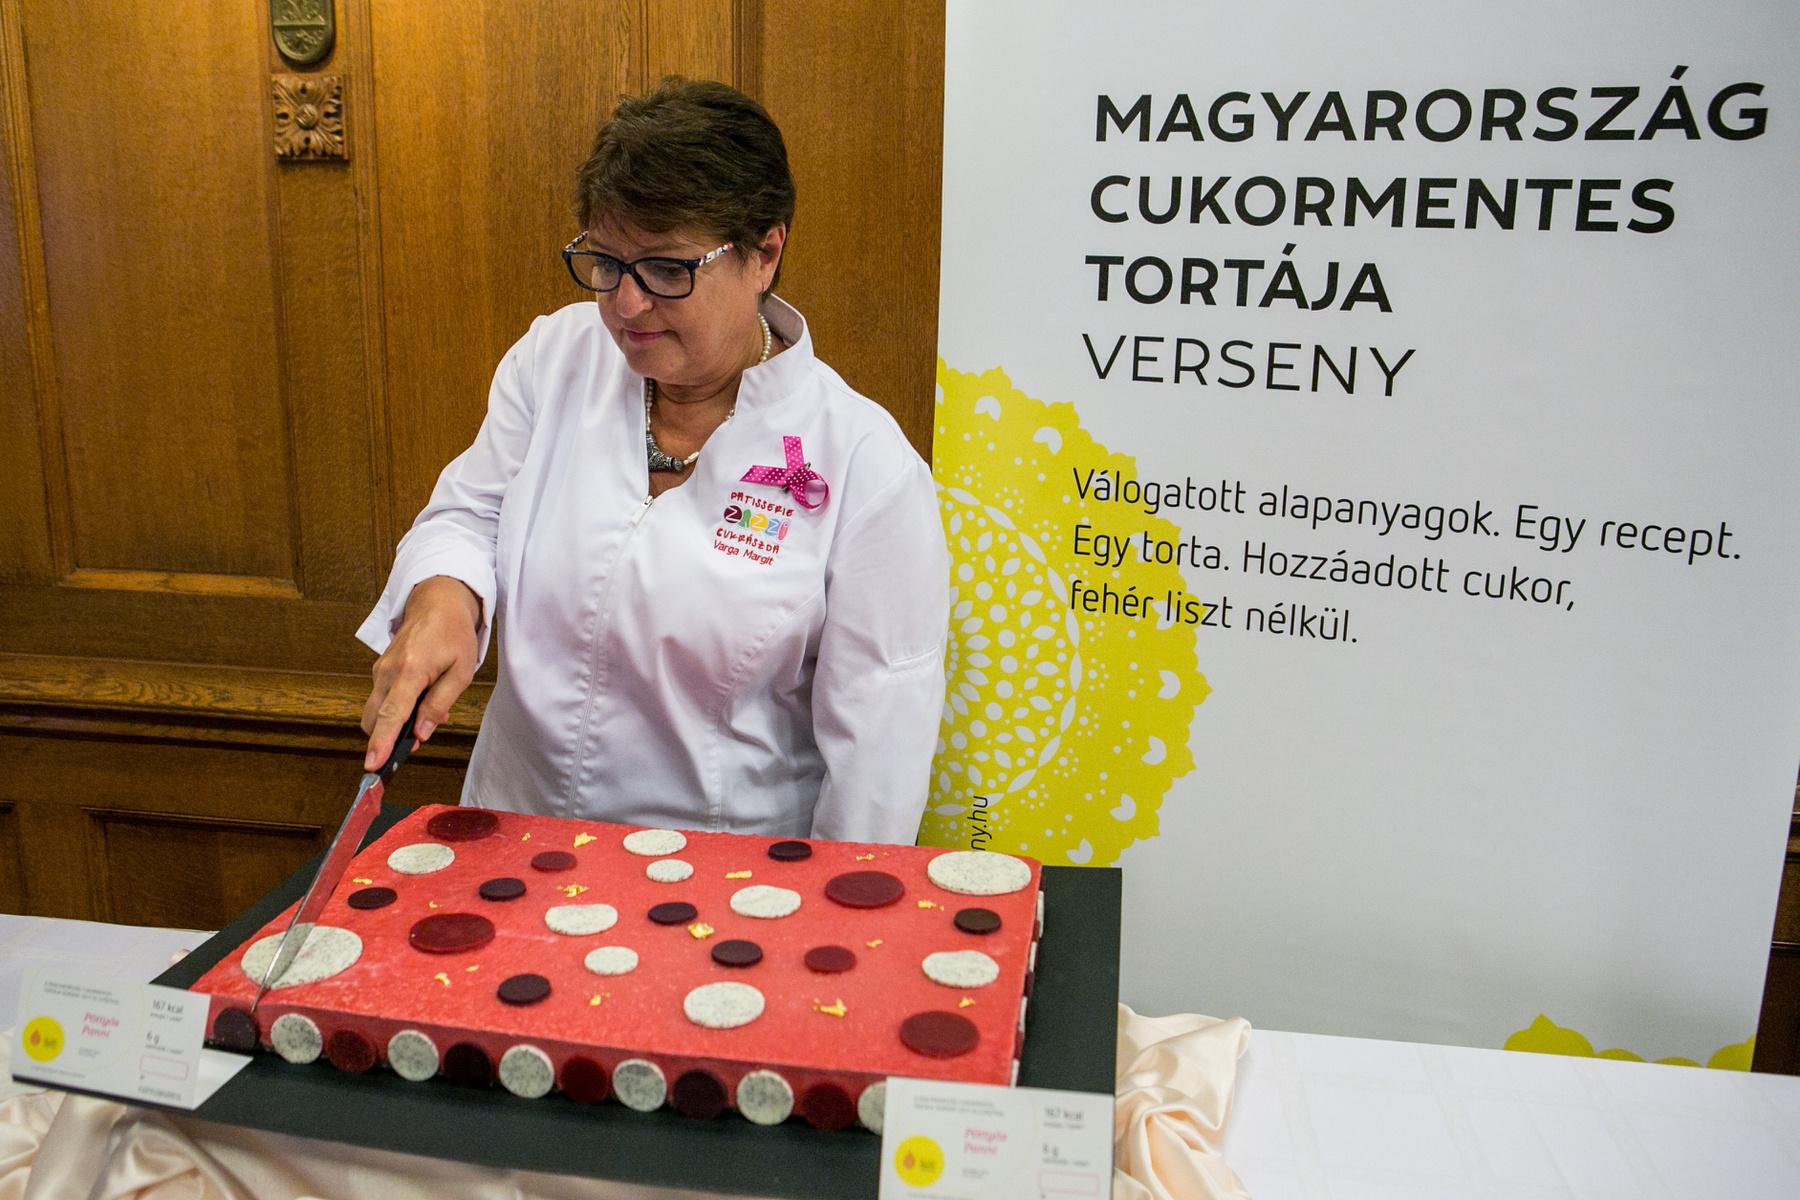 Szintén az augusztus 19-20 között megrendezésre kerülő Magyar Ízek Utcáján lehet megkóstolni a Szent István napi kenyeret.